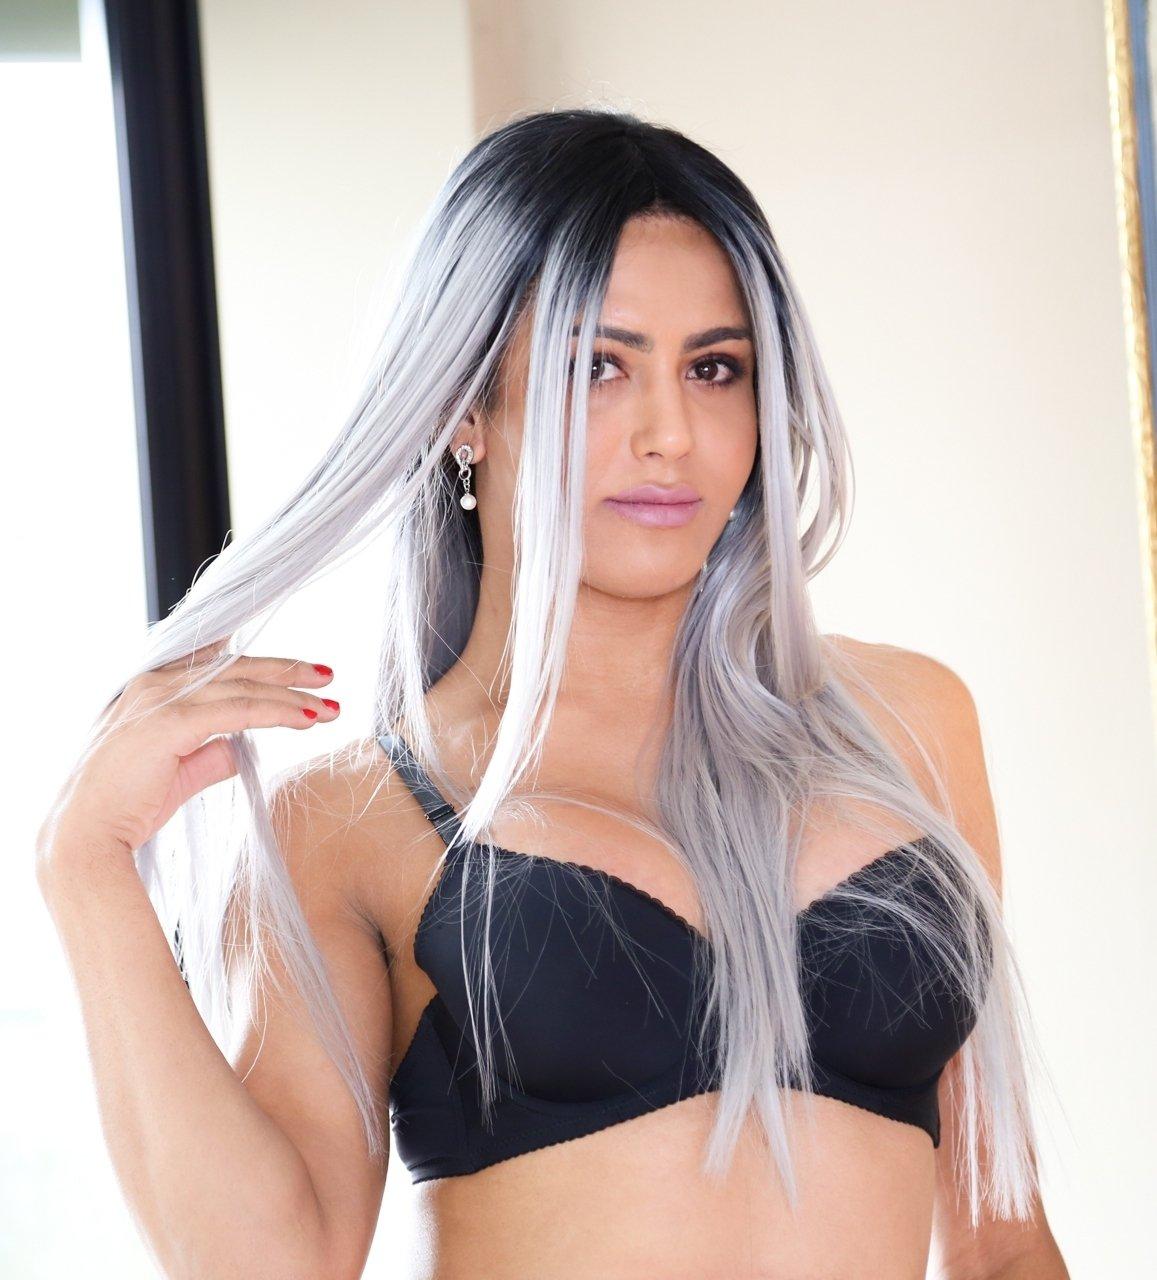 PortiaBella from Queensland,Australia